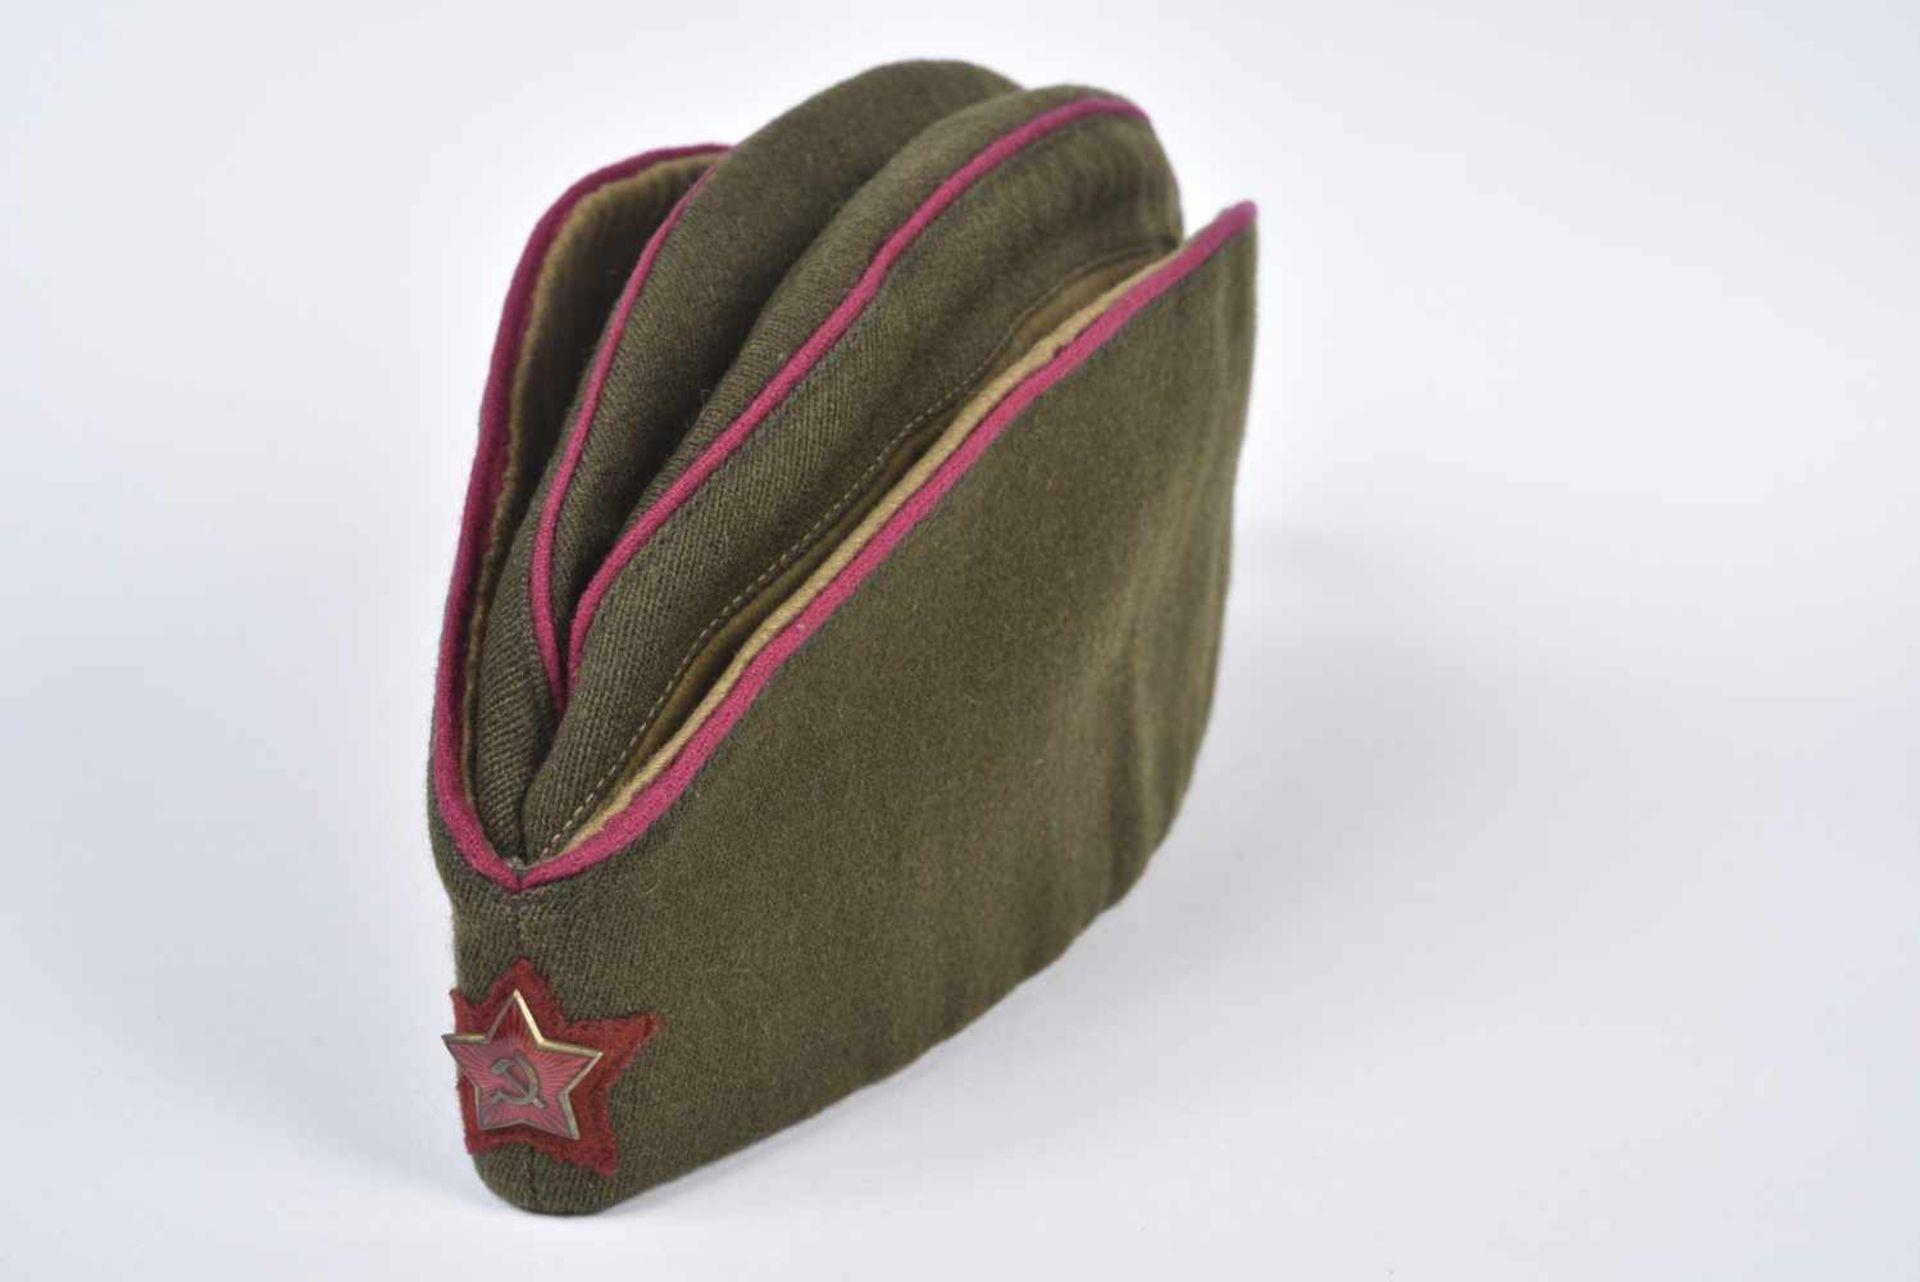 Magnifique calot passepoilé pour officier du NKVD passepoil framboise étoile tissu rouge brique.